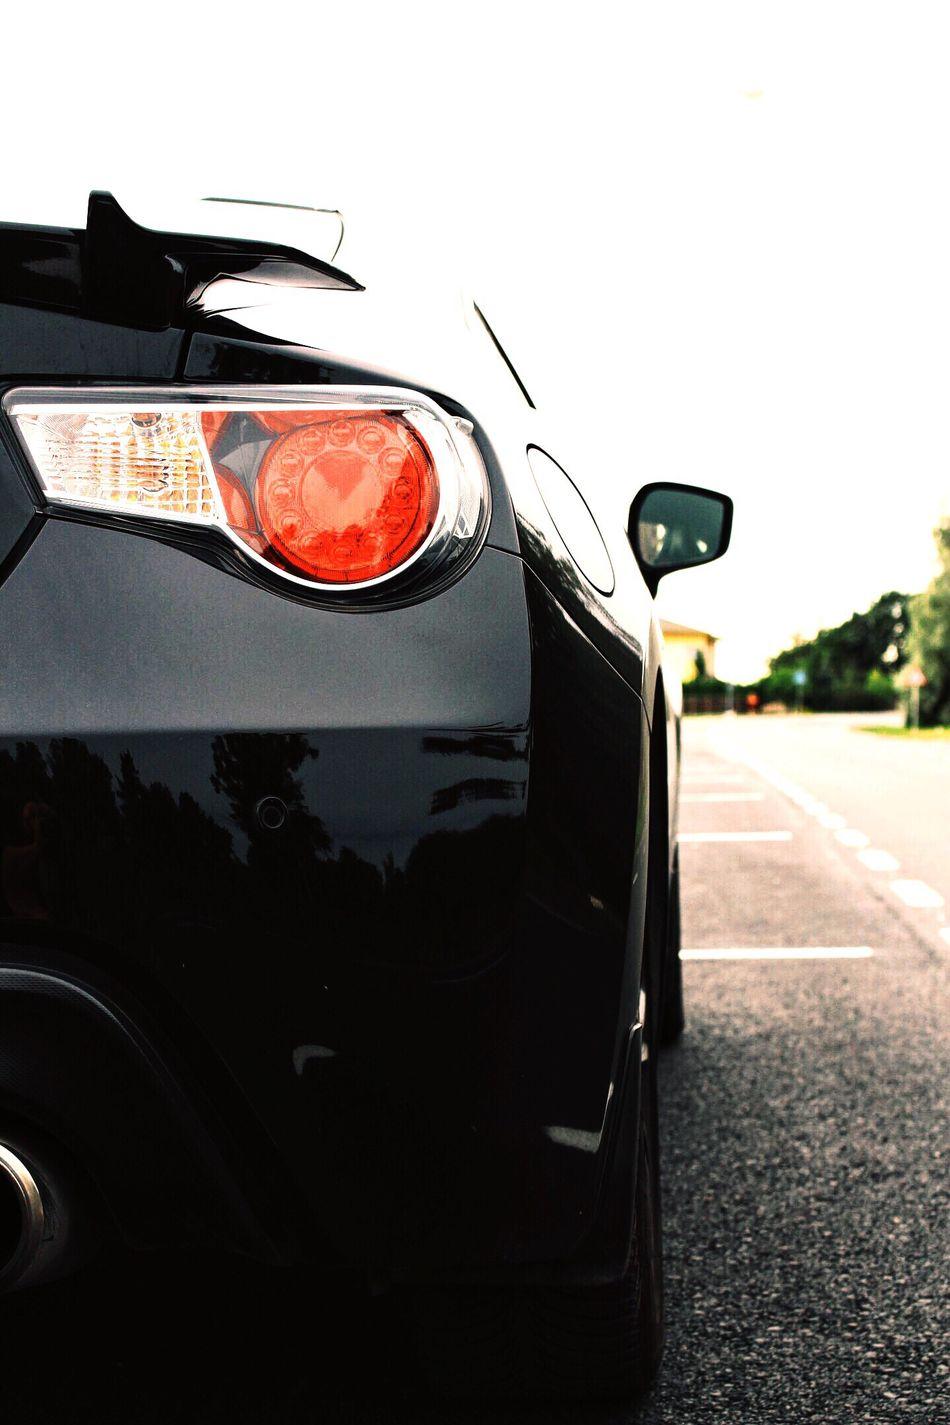 GT86 Toyota GT86 Car Mylove Littleblack Rogue Road Summer